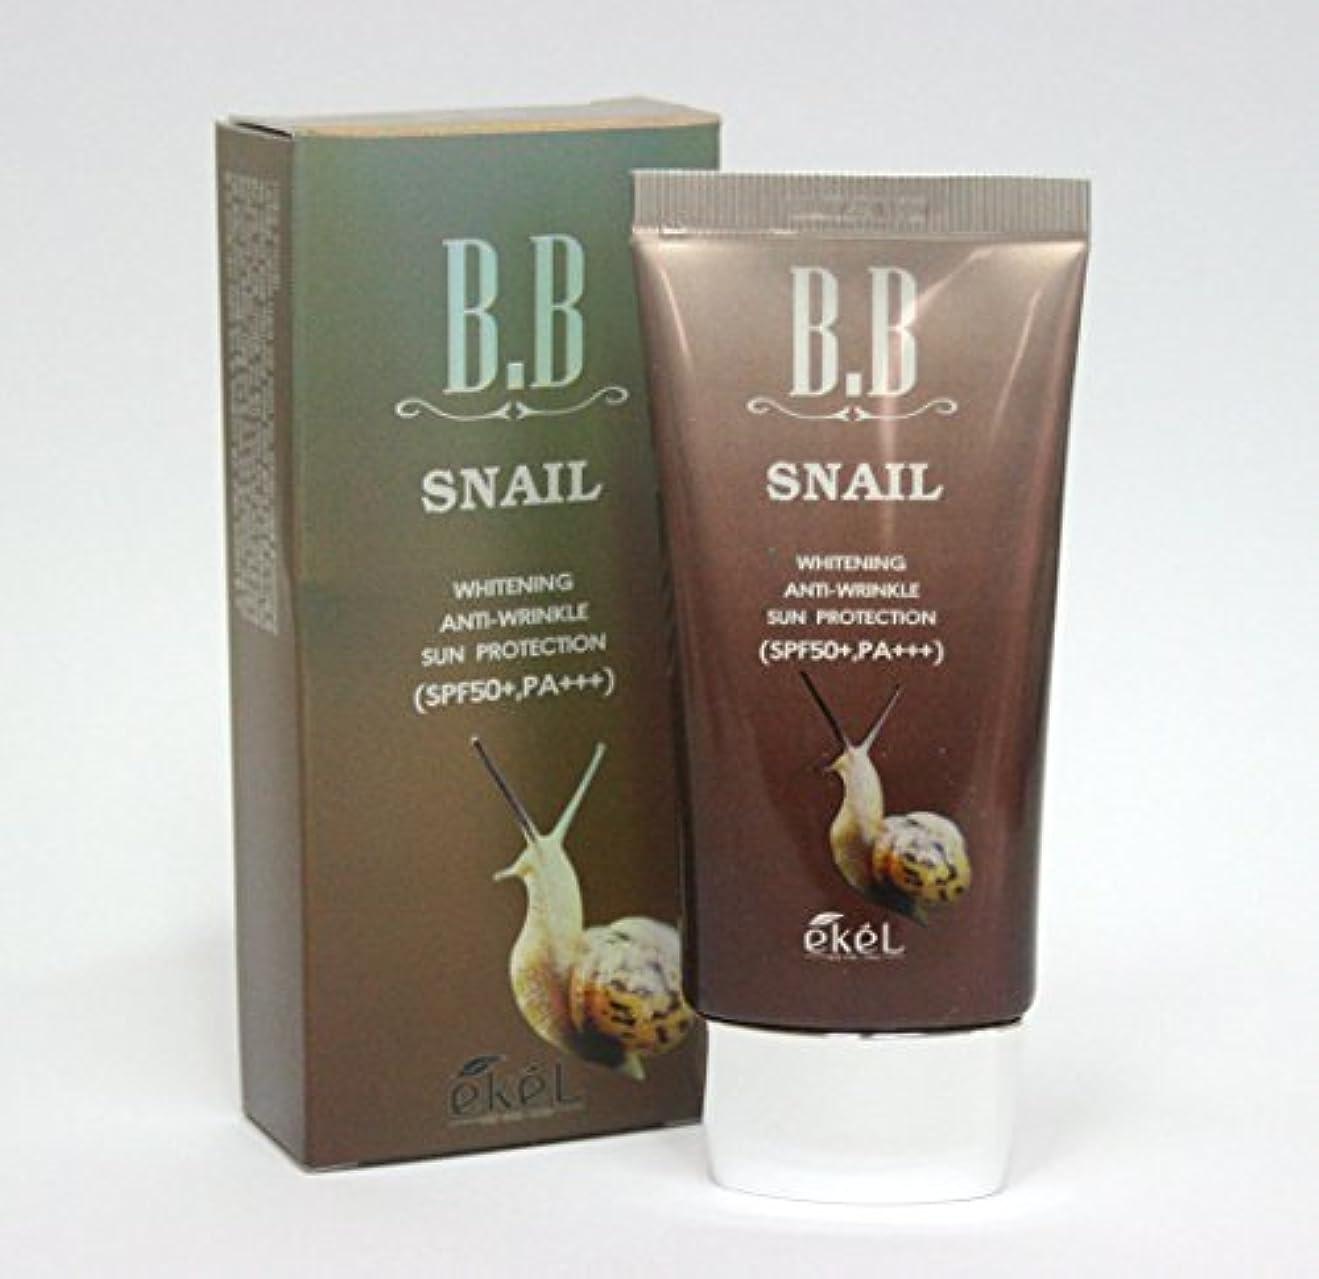 ラダメロドラマ歌う[Ekel] カタツムリBBクリーム50ml / ホワイトニング , SPF50 + PA +++ / 韓国化粧品 / Snail BB Cream 50ml / Whitening, SPF50+ PA+++ / Korea Cosmetics [並行輸入品]